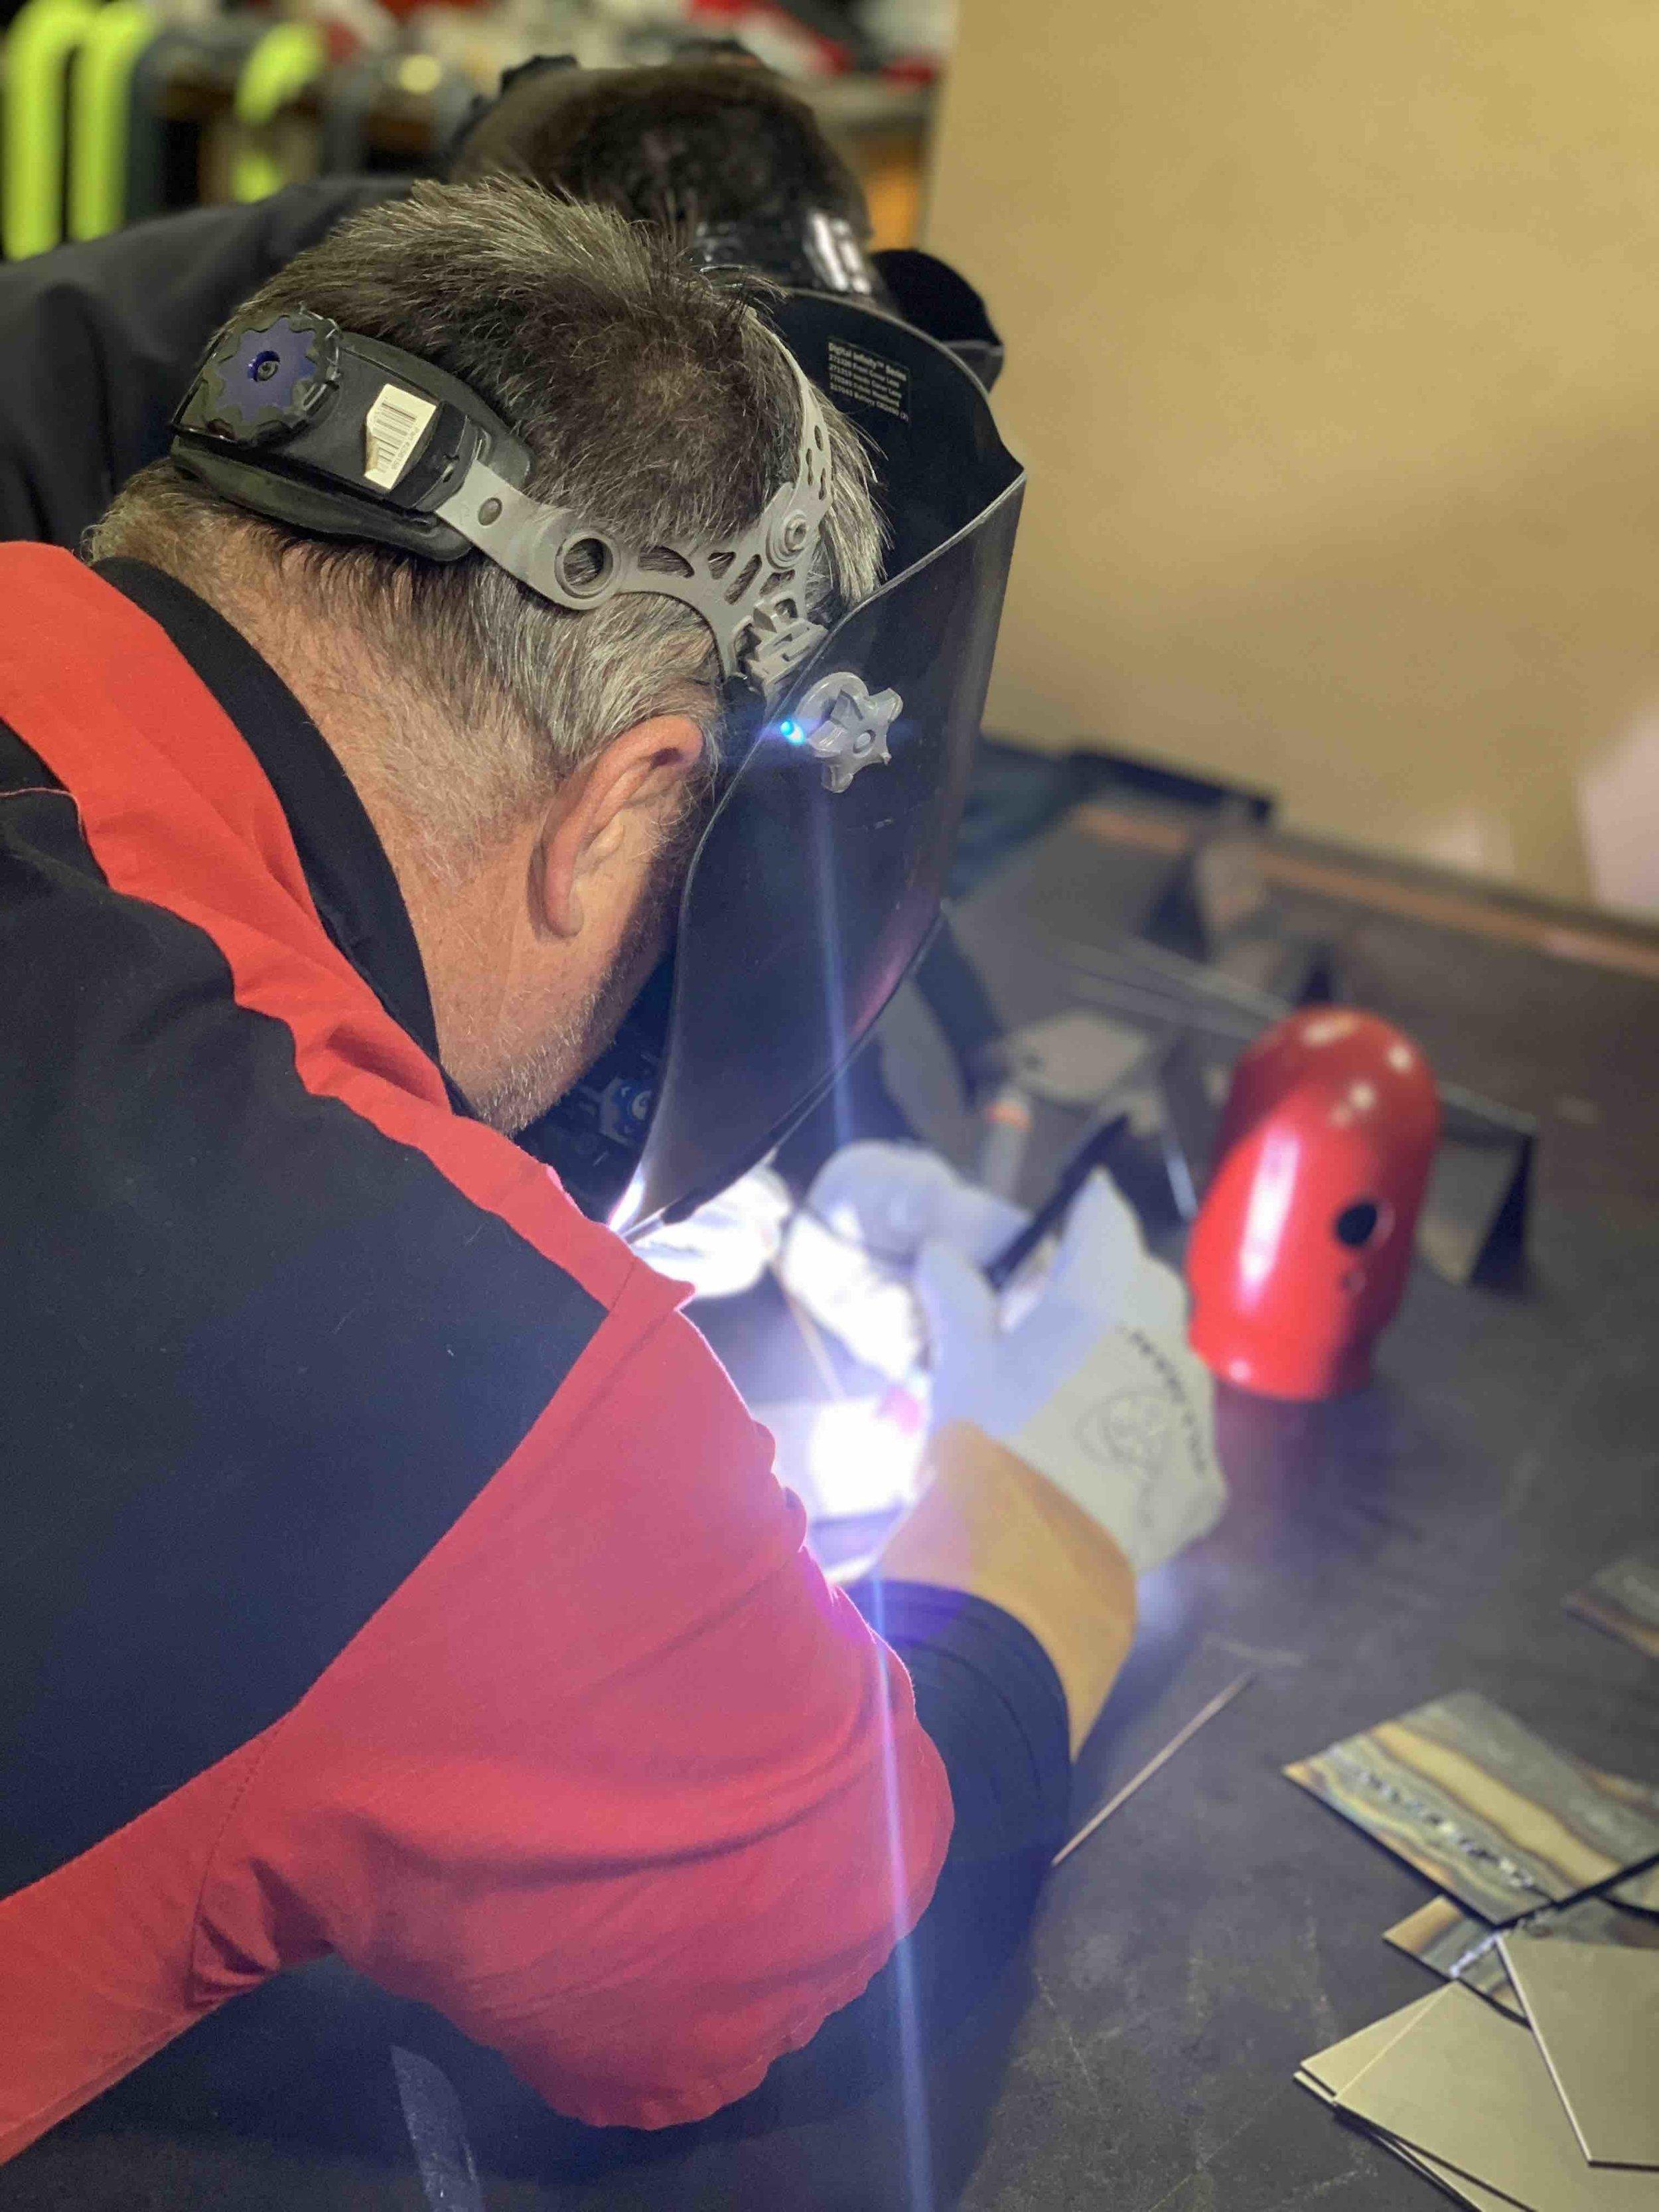 Fuller-Moto-Welding-Workshop-Jan2019-10.jpg